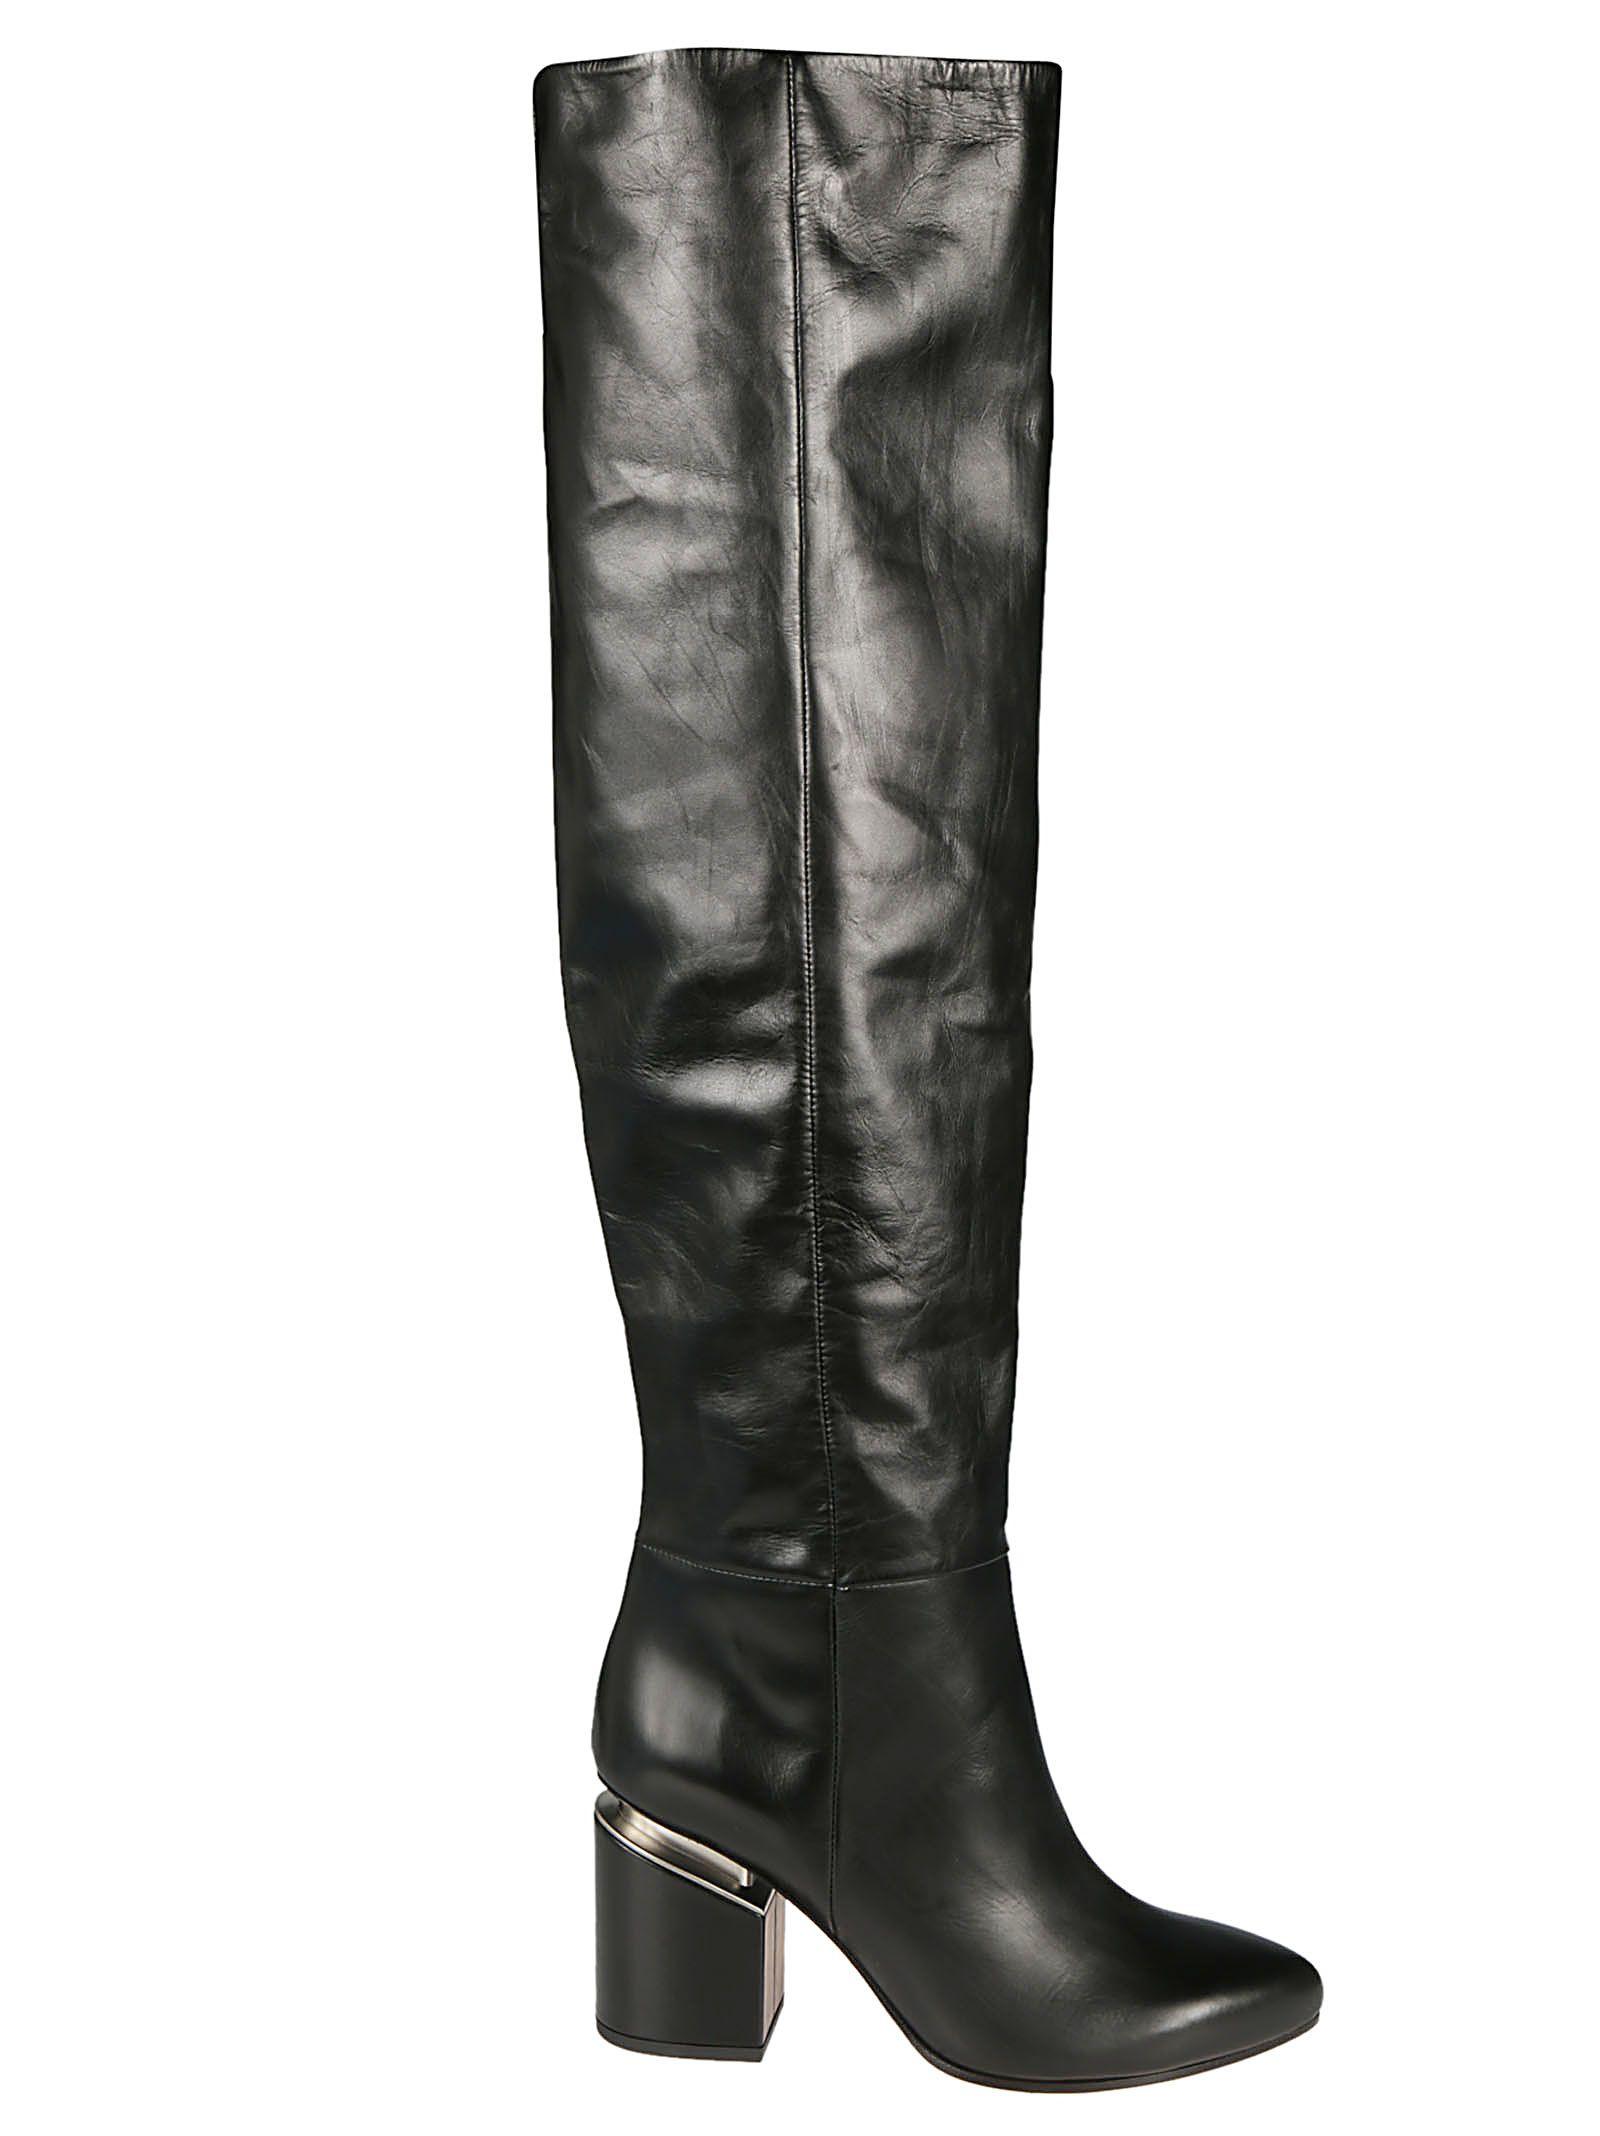 VIC MATIE Vic Matie' Knee High Boots in Nero